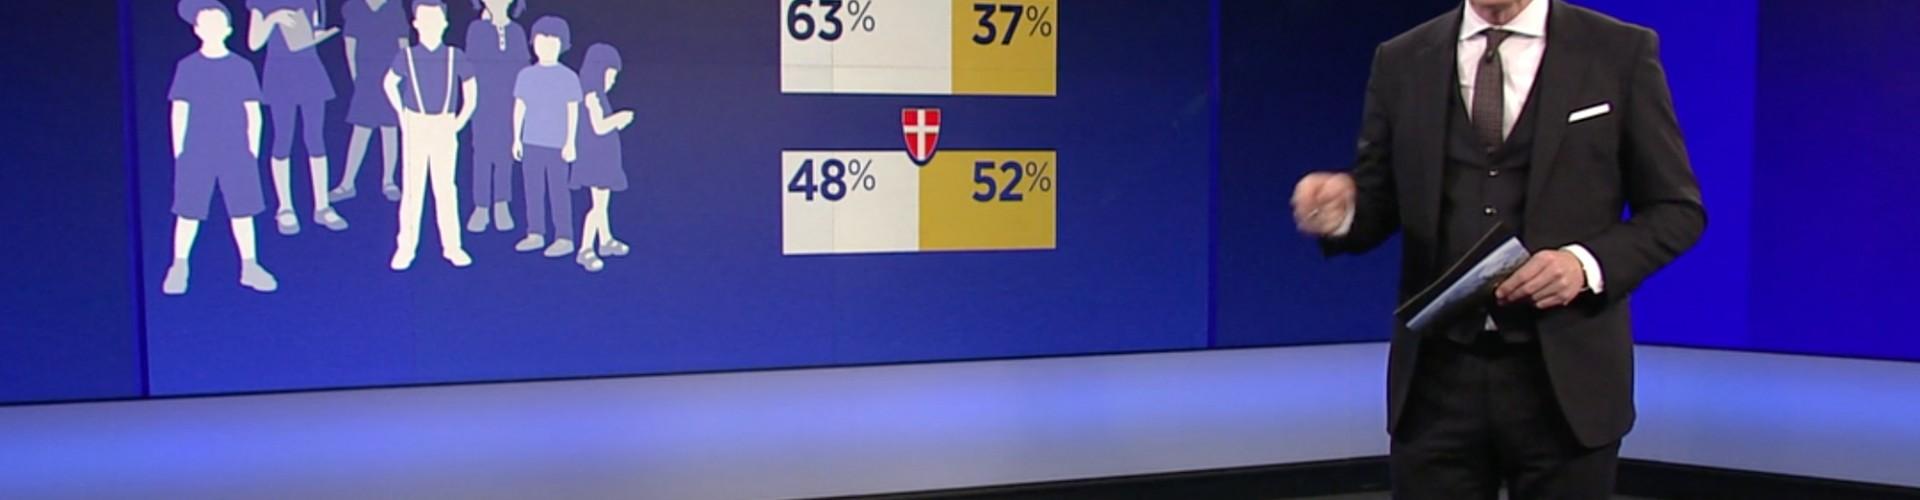 In Wien gehen 52 % der behinderten SchülerInnen in die Sonderschule; österreichweit sind das nur 37 %